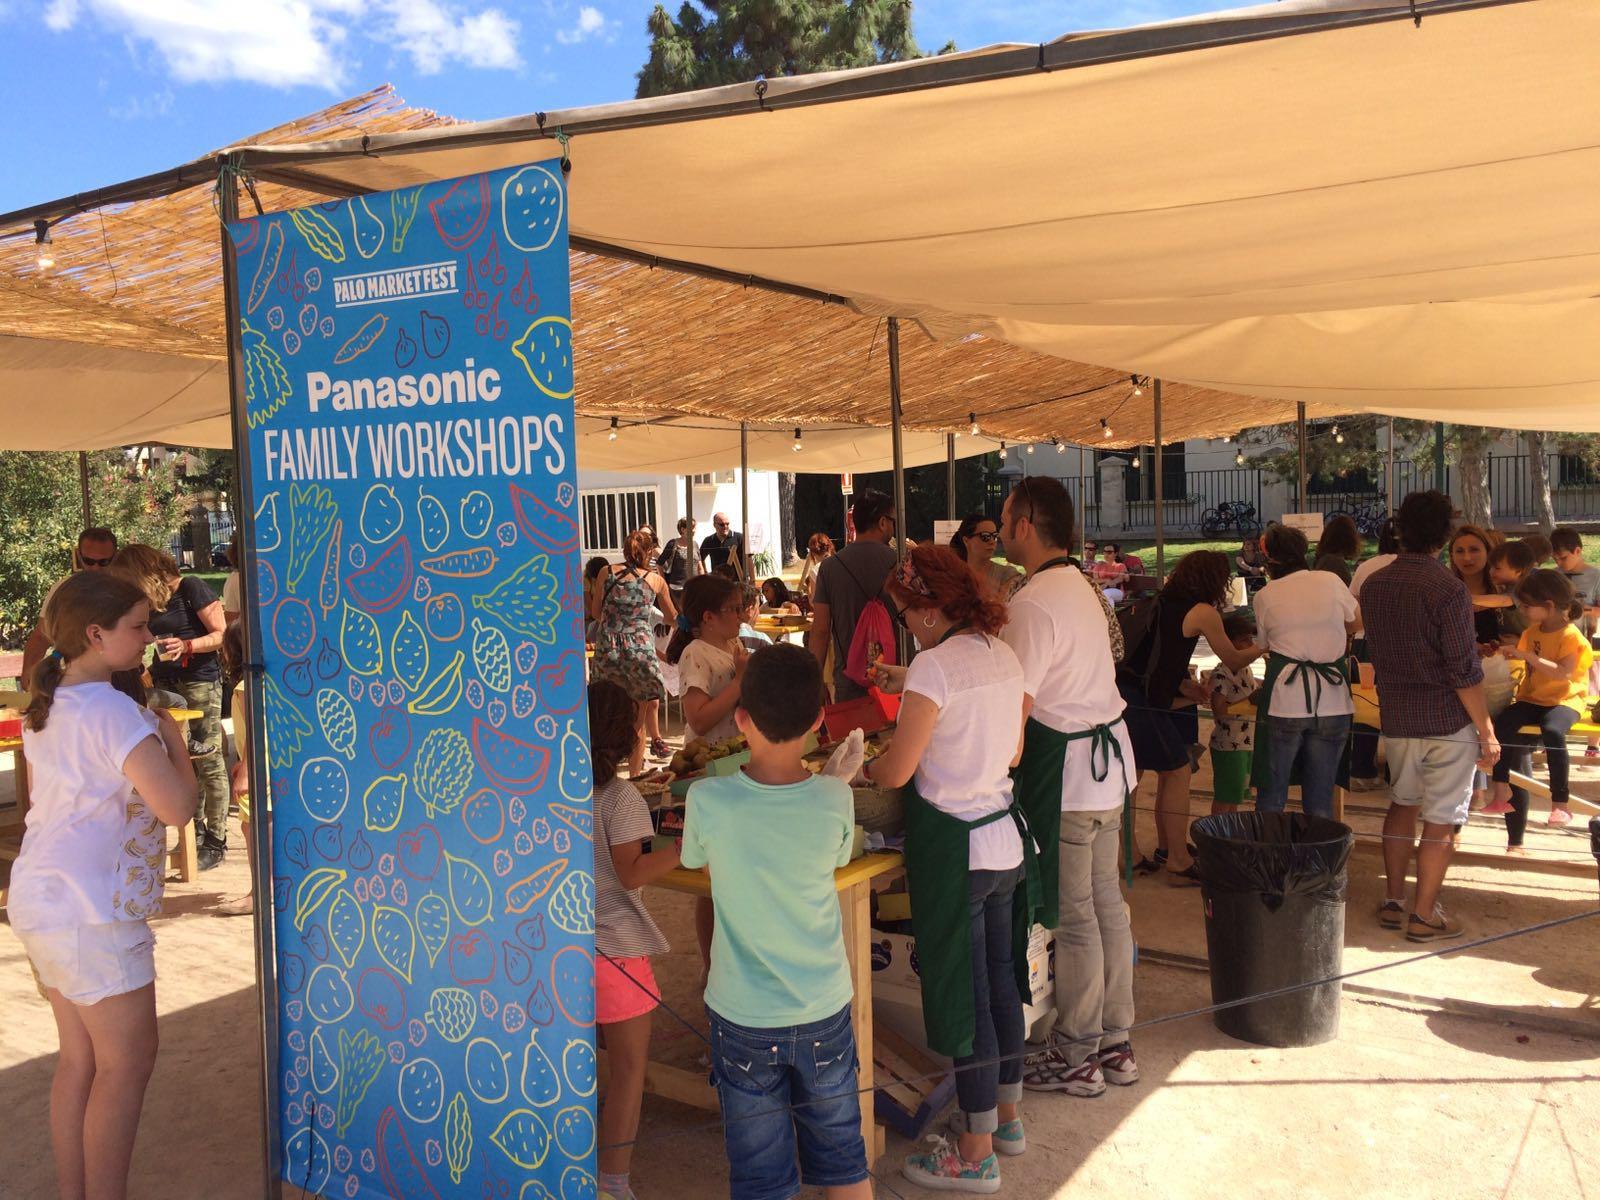 Descubre nuestros Family Workshops en Palo Alto Market